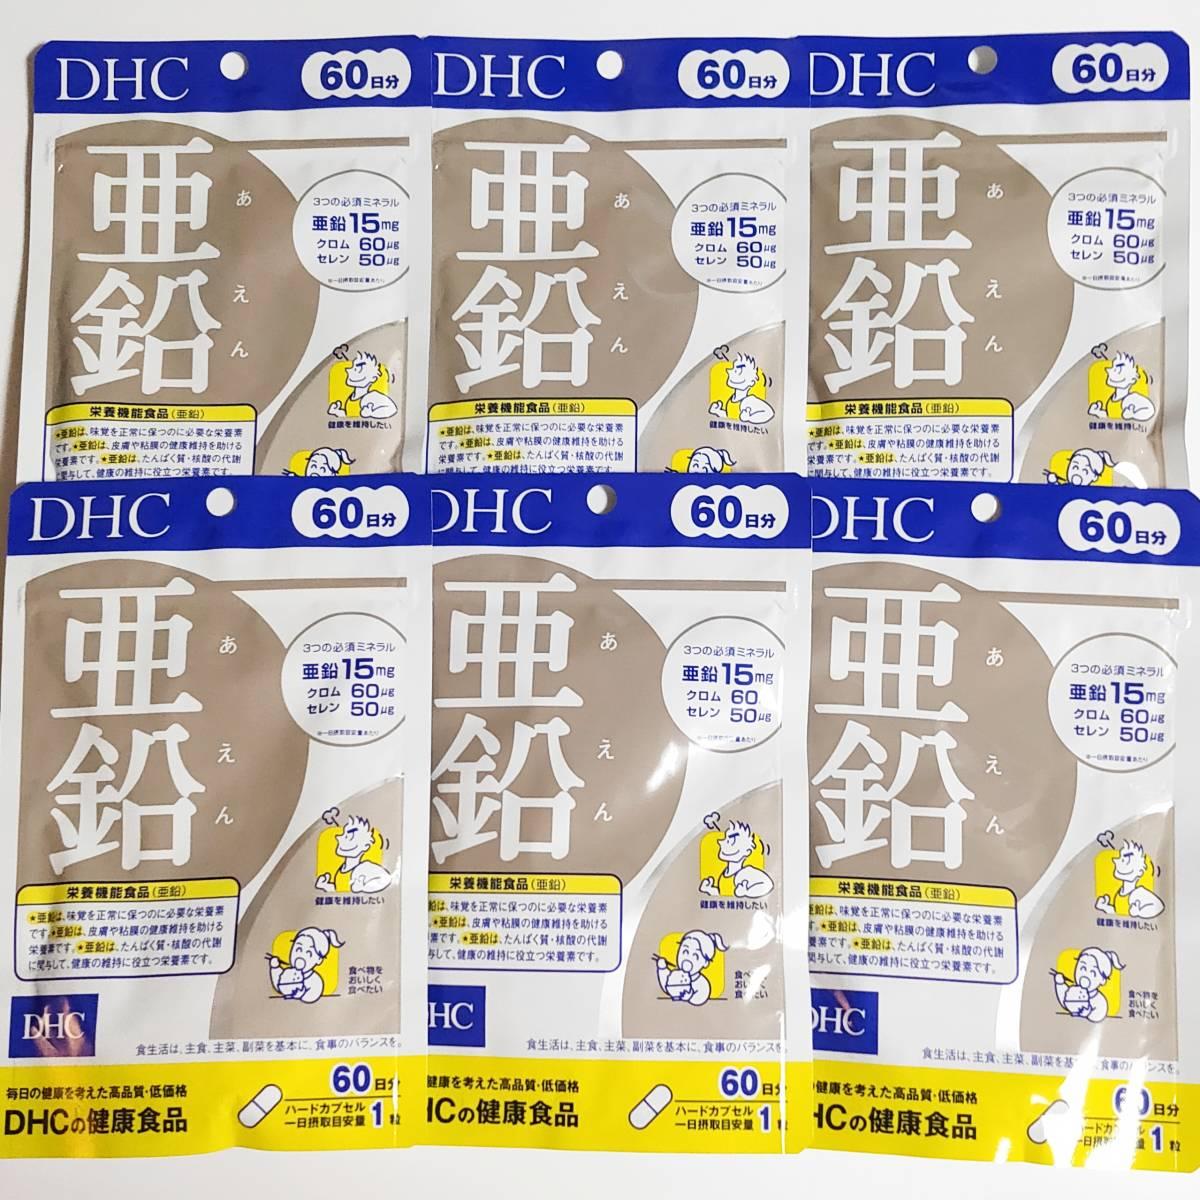 【DHC サプリメント】亜鉛 360日分(60日分×6袋) クロム セレン 3つの必須ミネラル サプリ 健康食品 未開封 送料無料_画像1